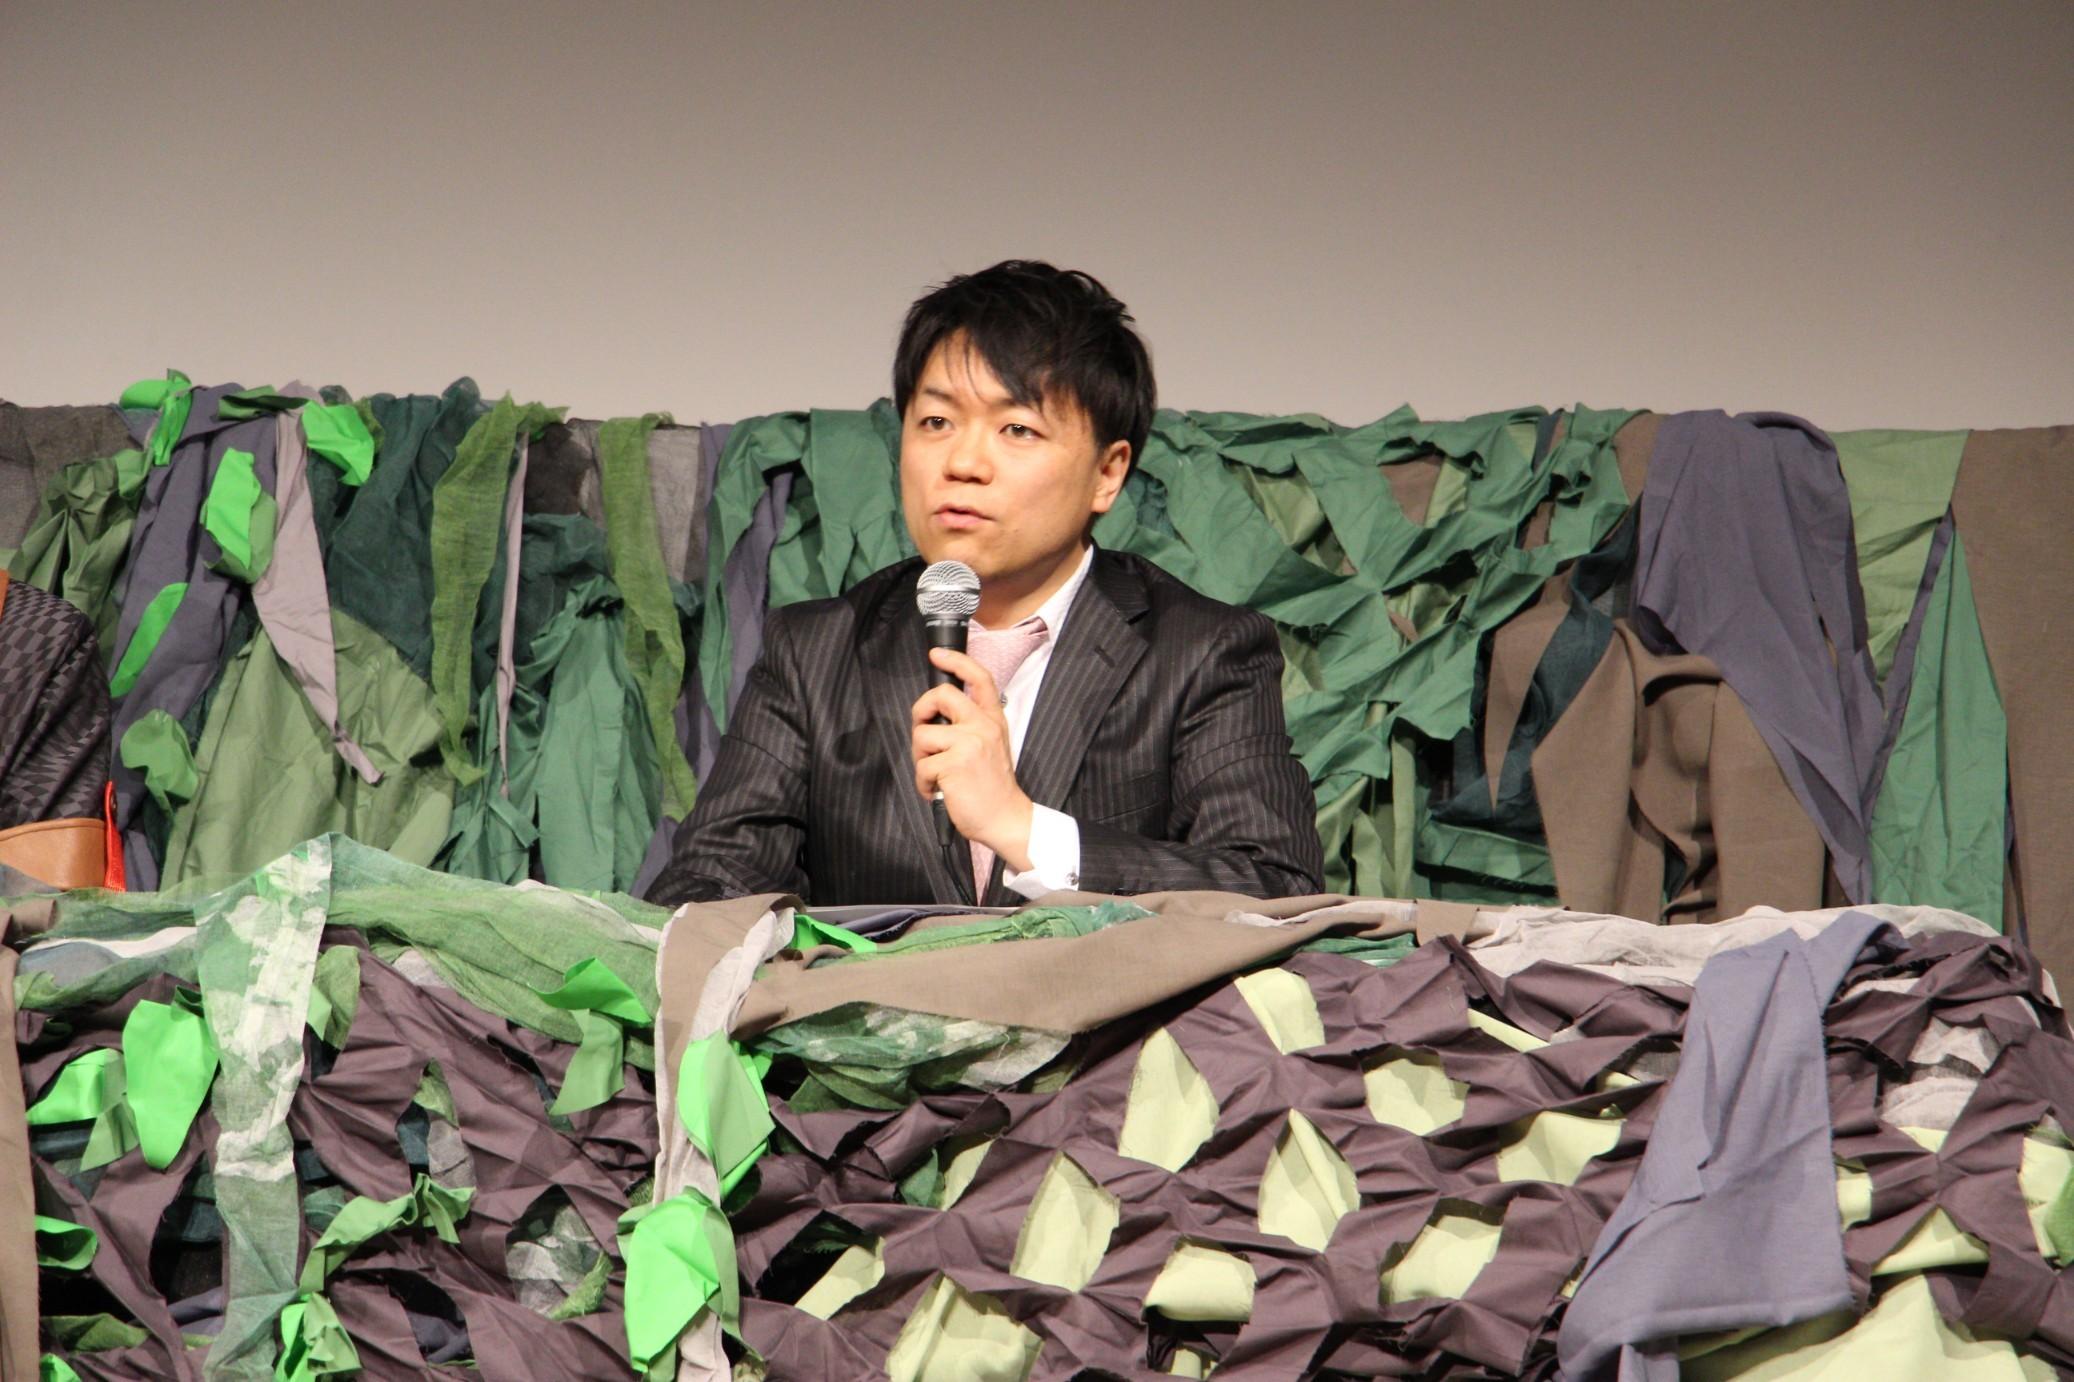 『世界一受けたい授業 THE LIVE 恐竜に会える夏!!』イベントプロデューサー・依田謙一氏